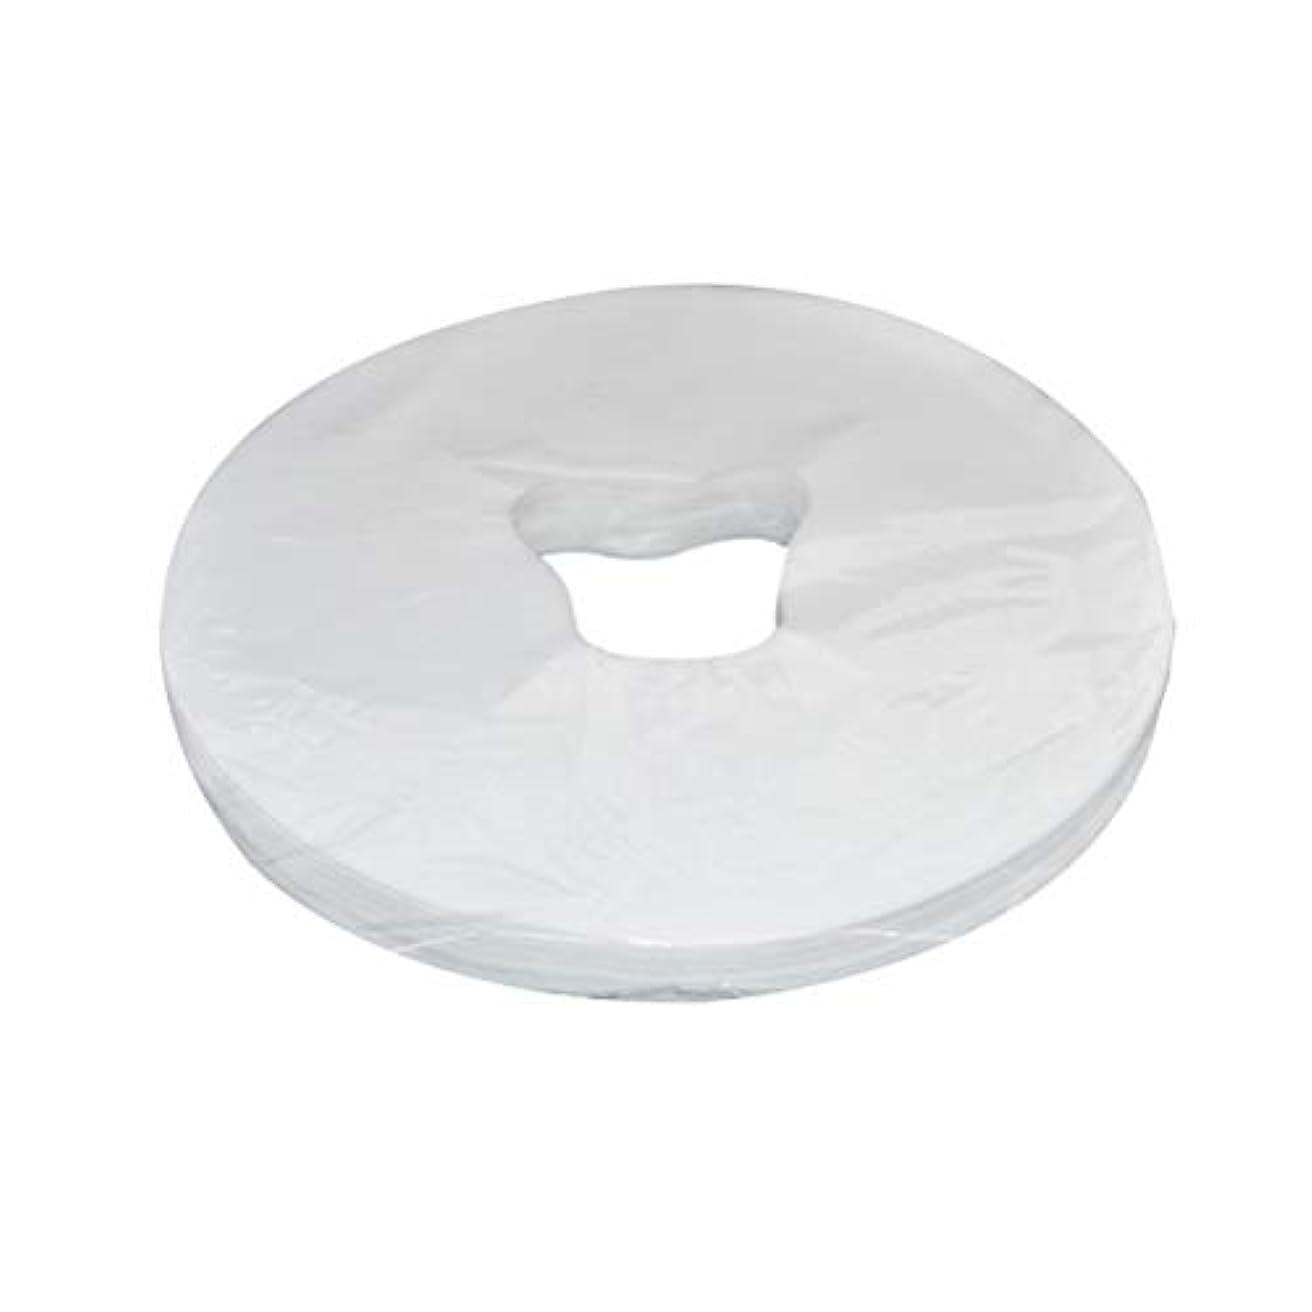 その間ビルマ安らぎSUPVOX 100シートマッサージフェイスレストカバー使い捨てフェイスクレードルカバーマッサージヘッドレストカバーSPA美容院マッサージタトゥーホテルマットレスカバー29×28 cm(ホワイト)